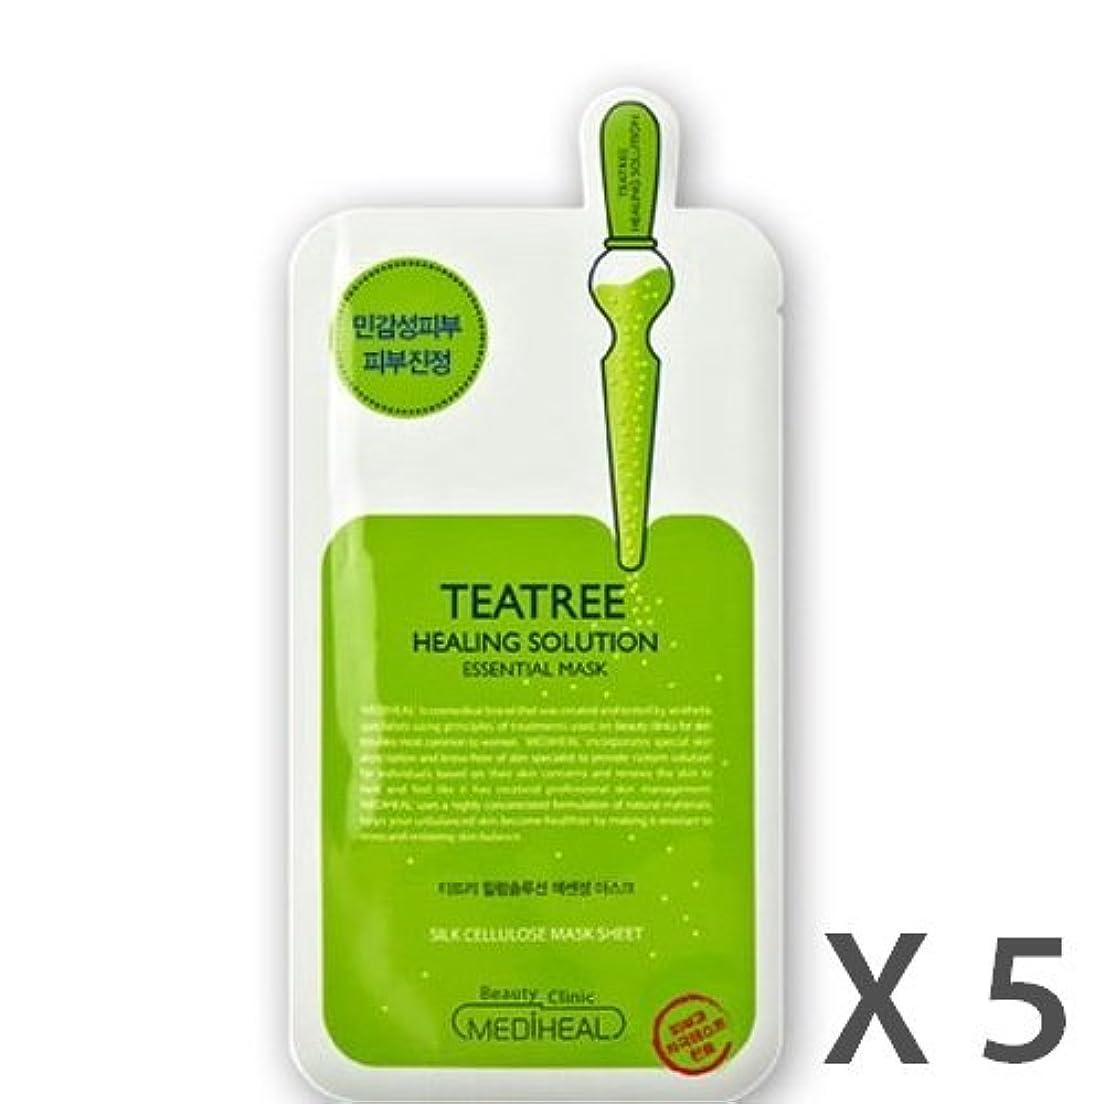 ショット見て船酔いMEDIHEAL Tea Tree Healing Solution Essential Mask 5ea /メディヒール ティー ツリー ヒーリングソリューションエッセンシャルマスク 5ea [並行輸入品]